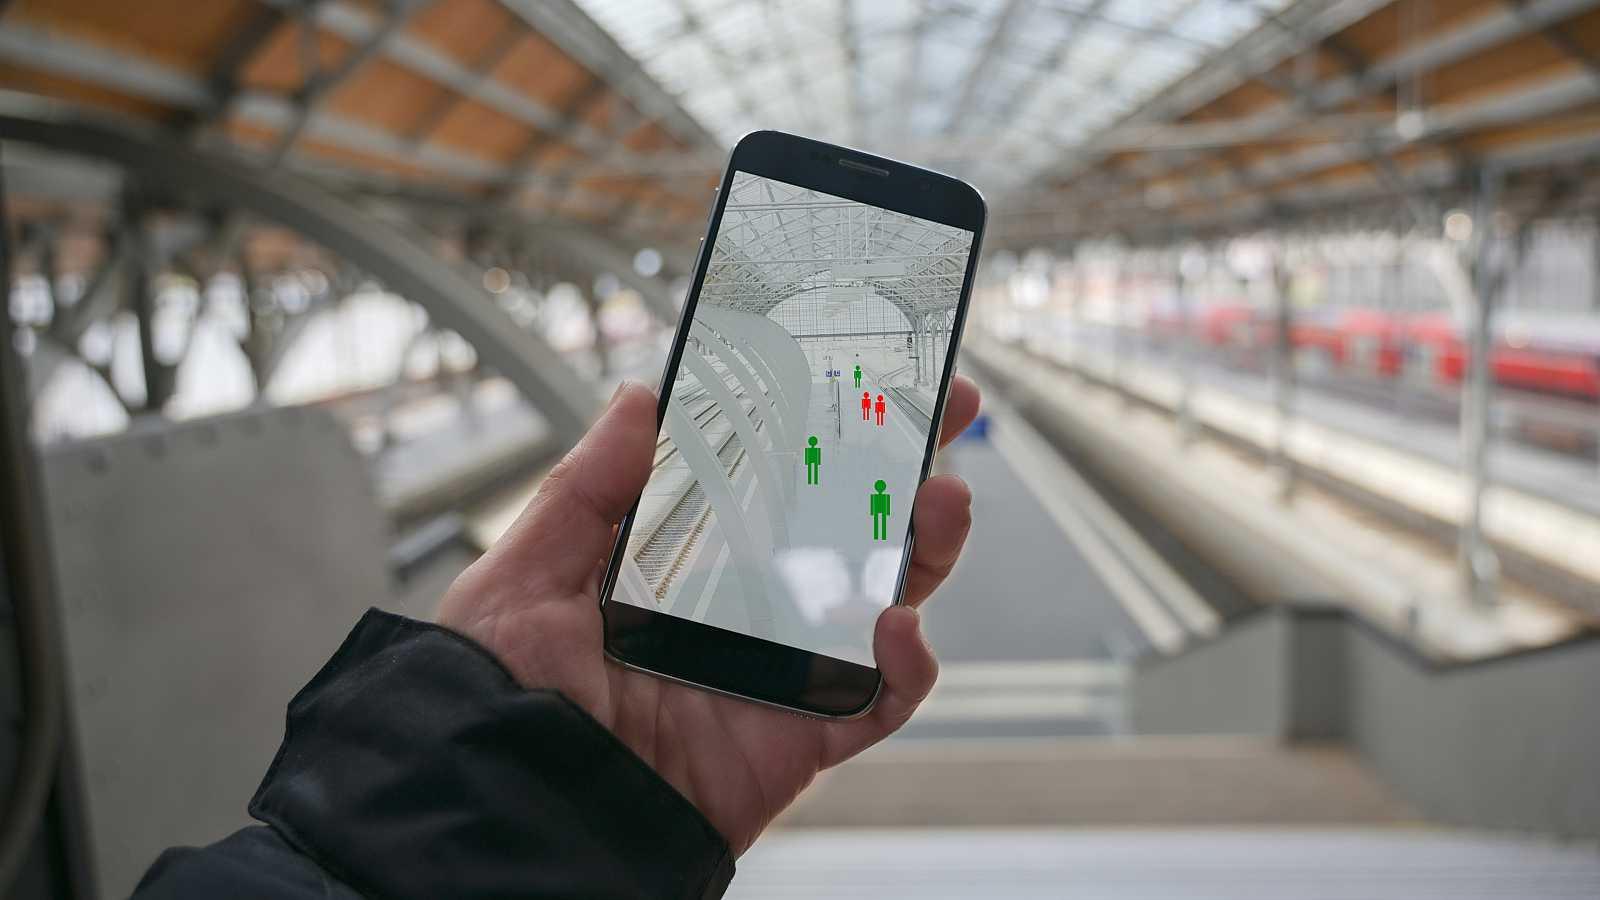 Dos empresas vascas, Tecnalia, centro de investigación y desarrollo tecnológico, e Ibermática, una compañía de servicios en tecnologías de la información y la comunicación, se han unido para poner en marcha un sistema pionero en España de detección t